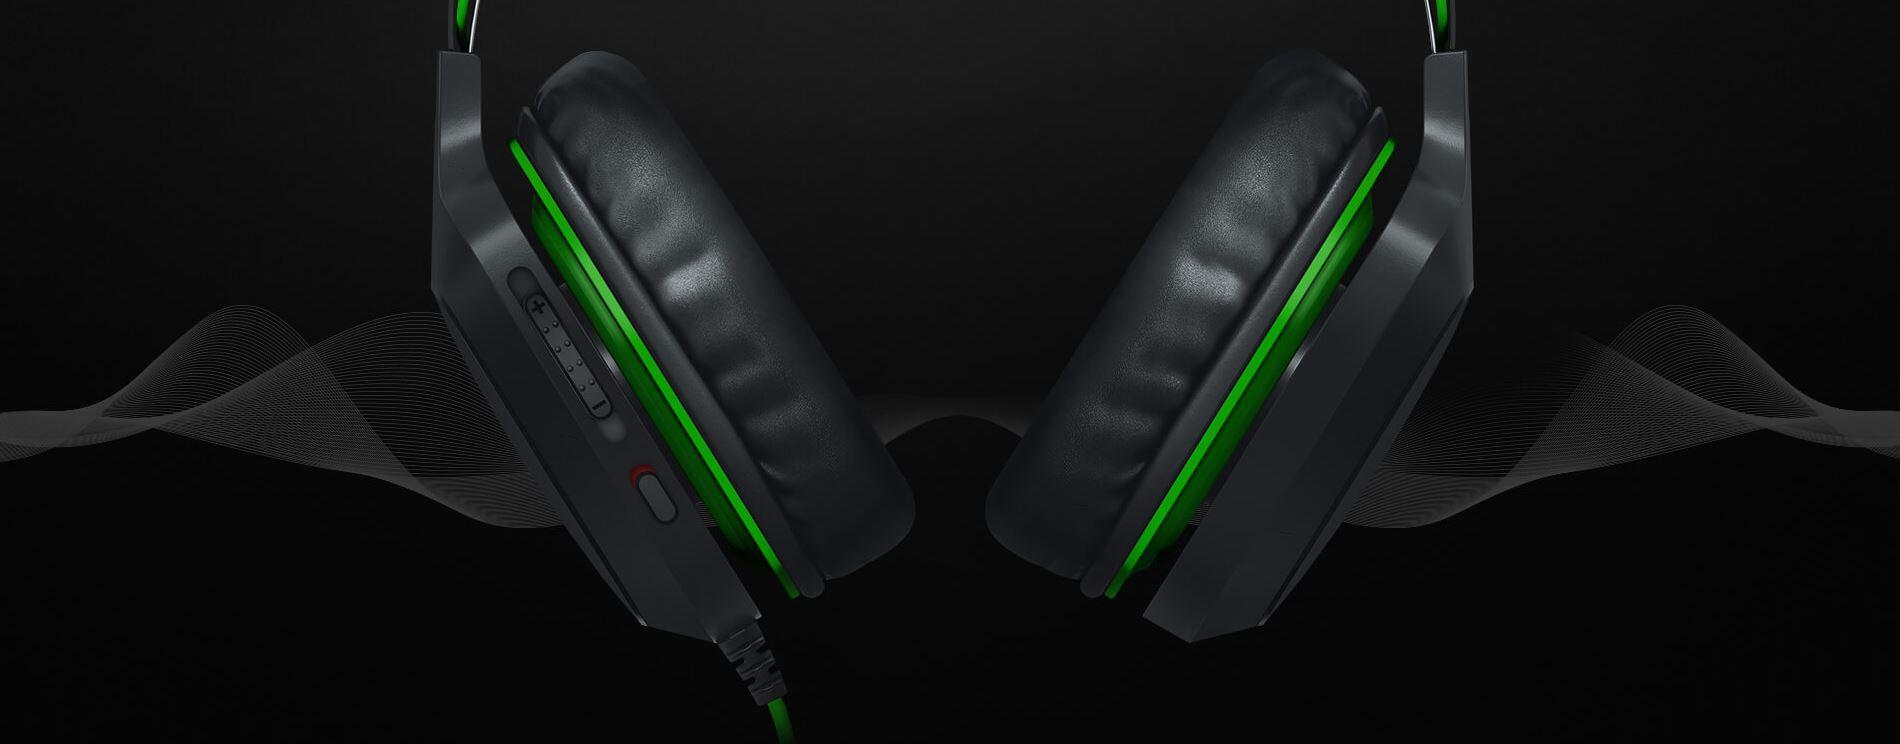 casque gaming Razer Electra V2 USB 123